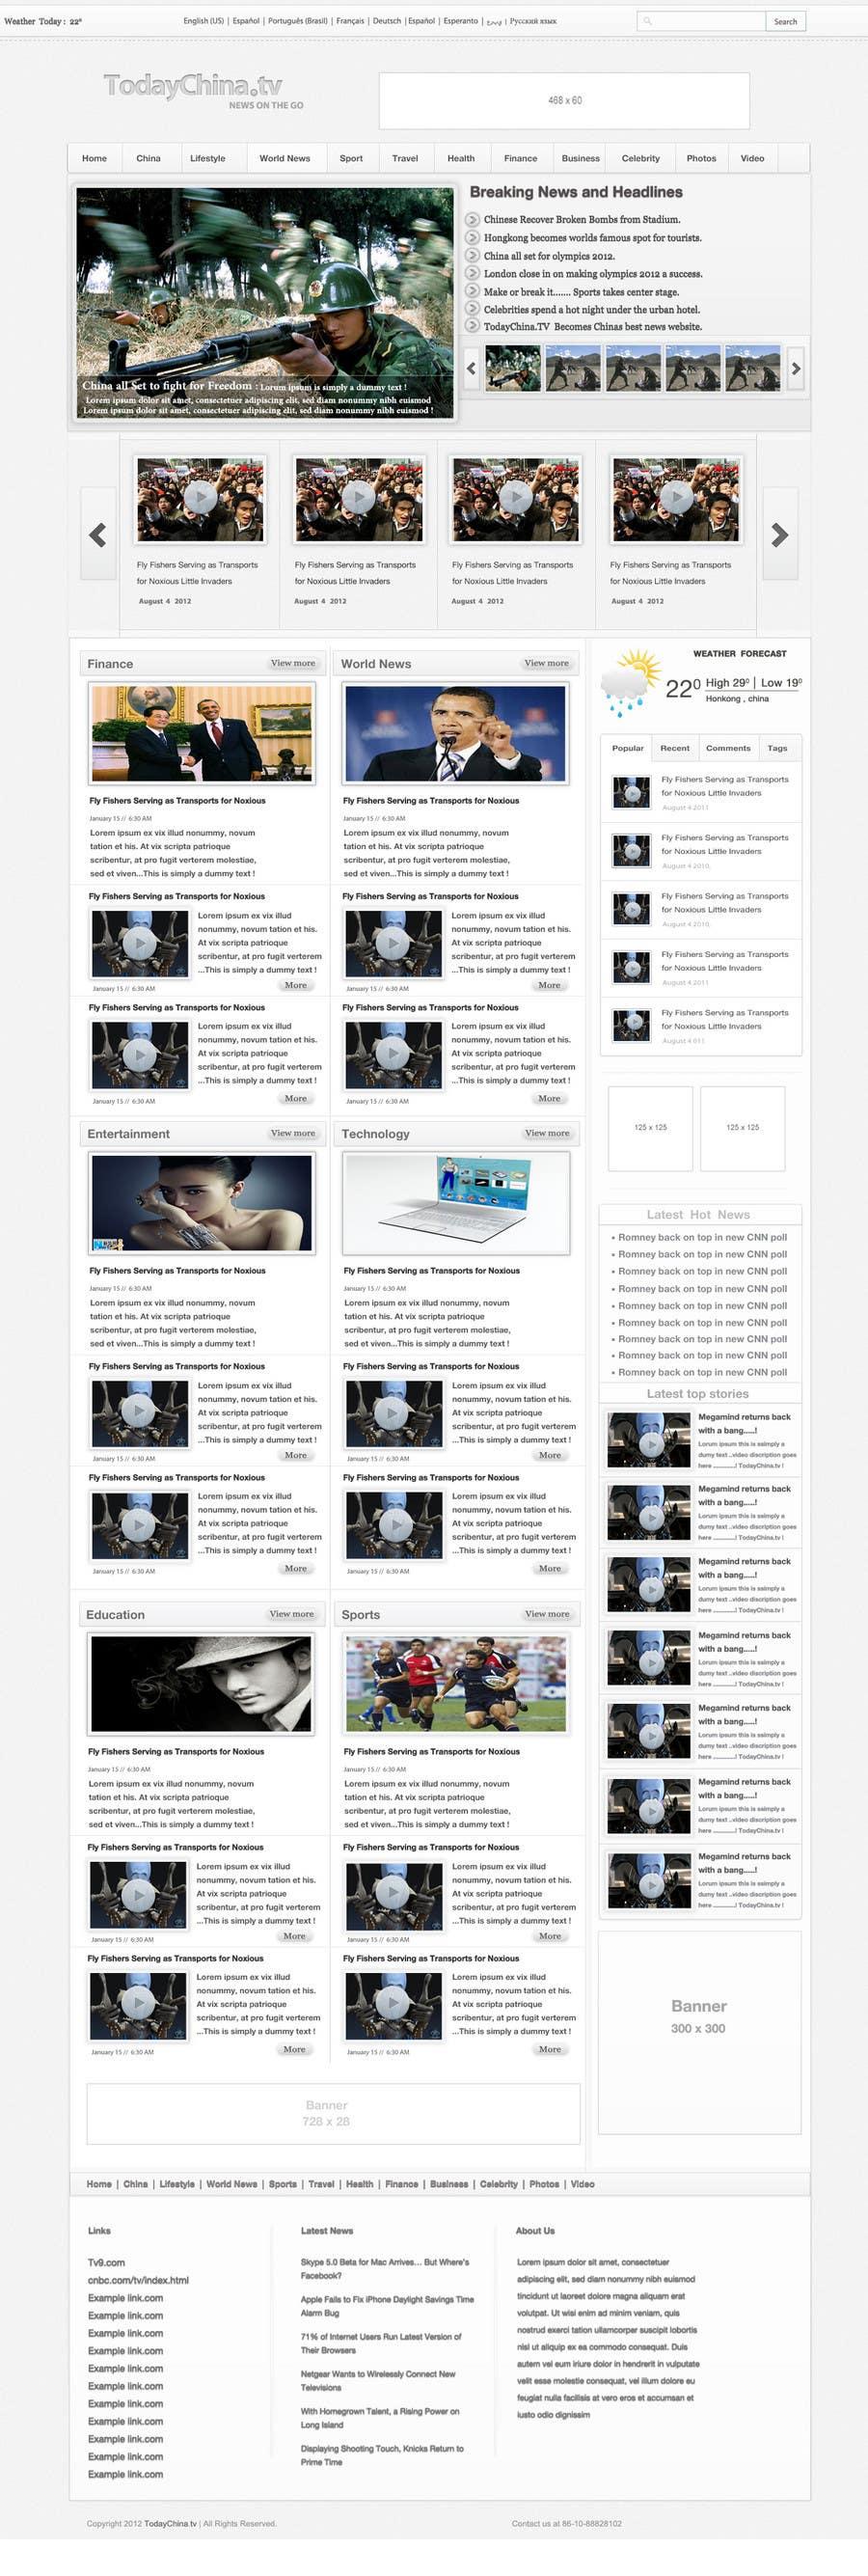 Konkurrenceindlæg #                                        61                                      for                                         Website Design for TodayChina.TV